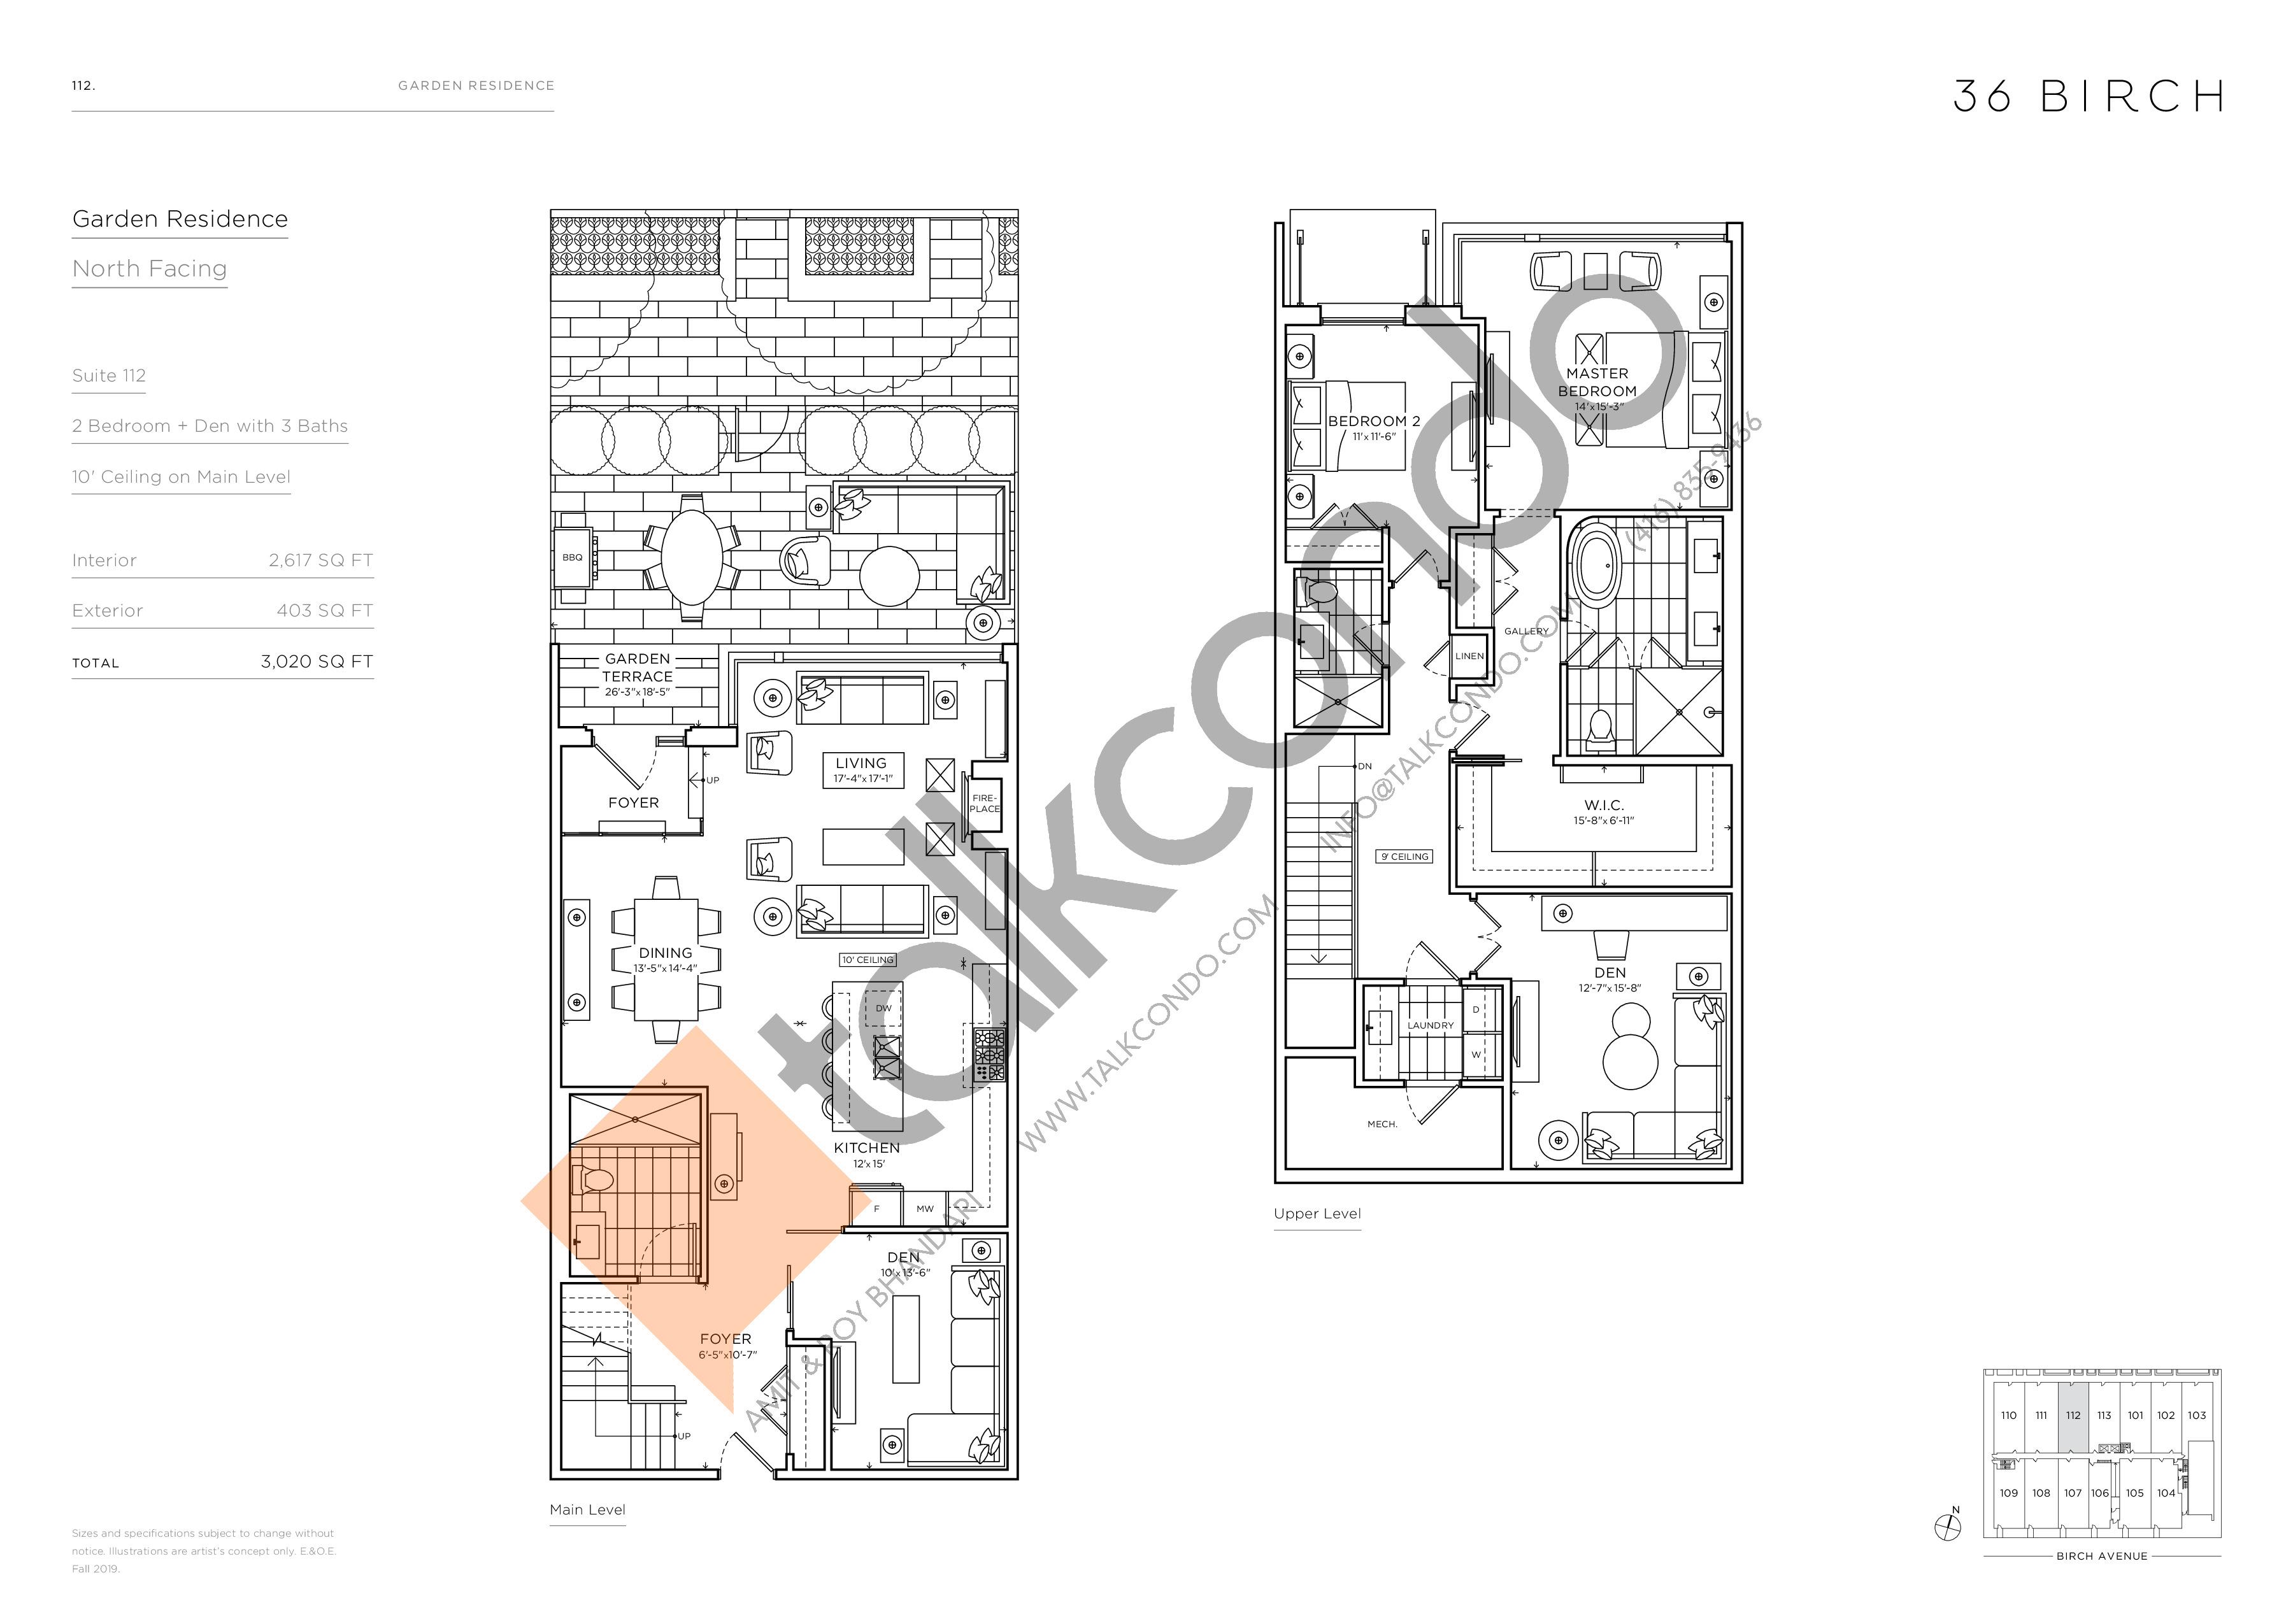 112 - Garden Residences Floor Plan at 36 Birch Avenue Condos - 2617 sq.ft